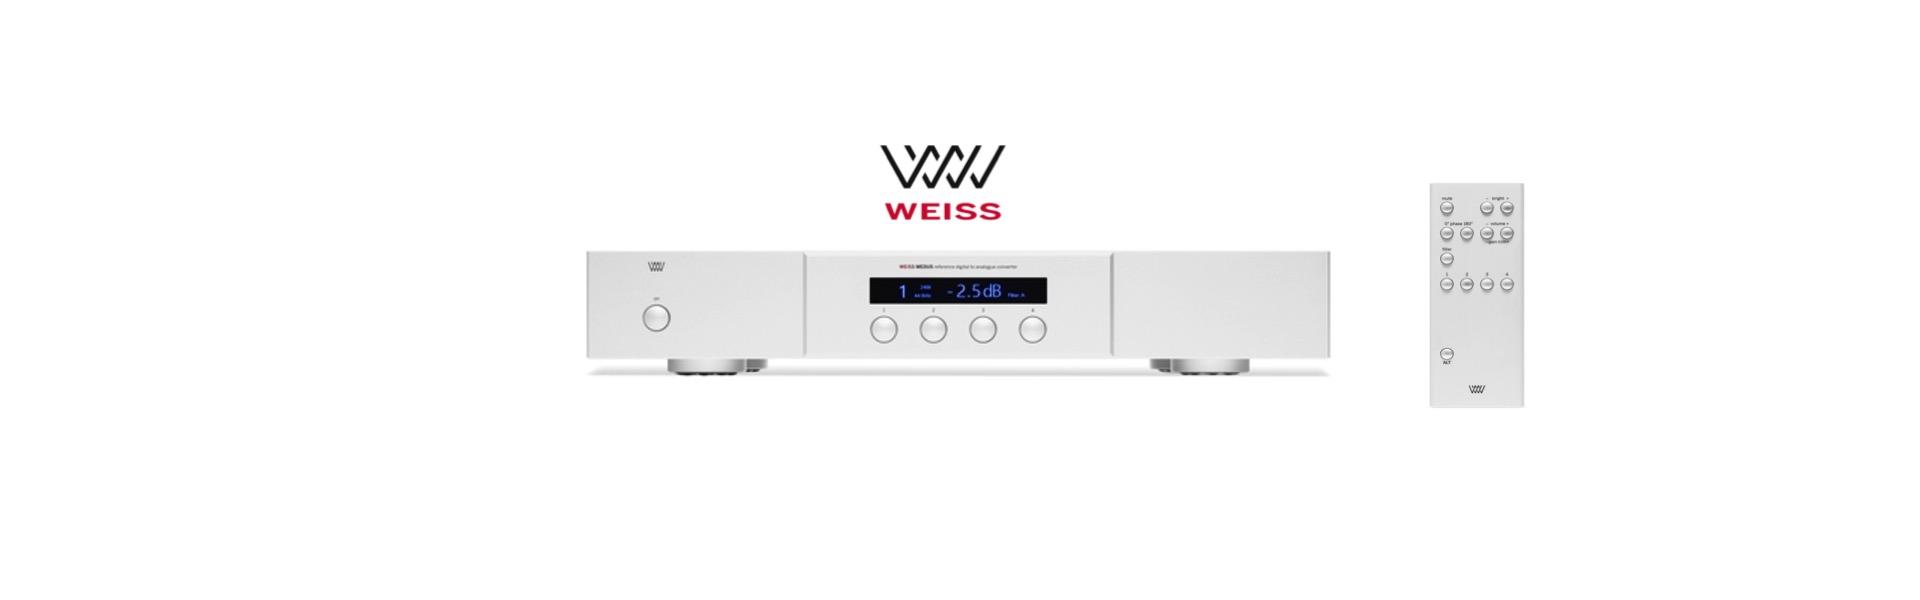 WEISS_MEDUS_s_front-1